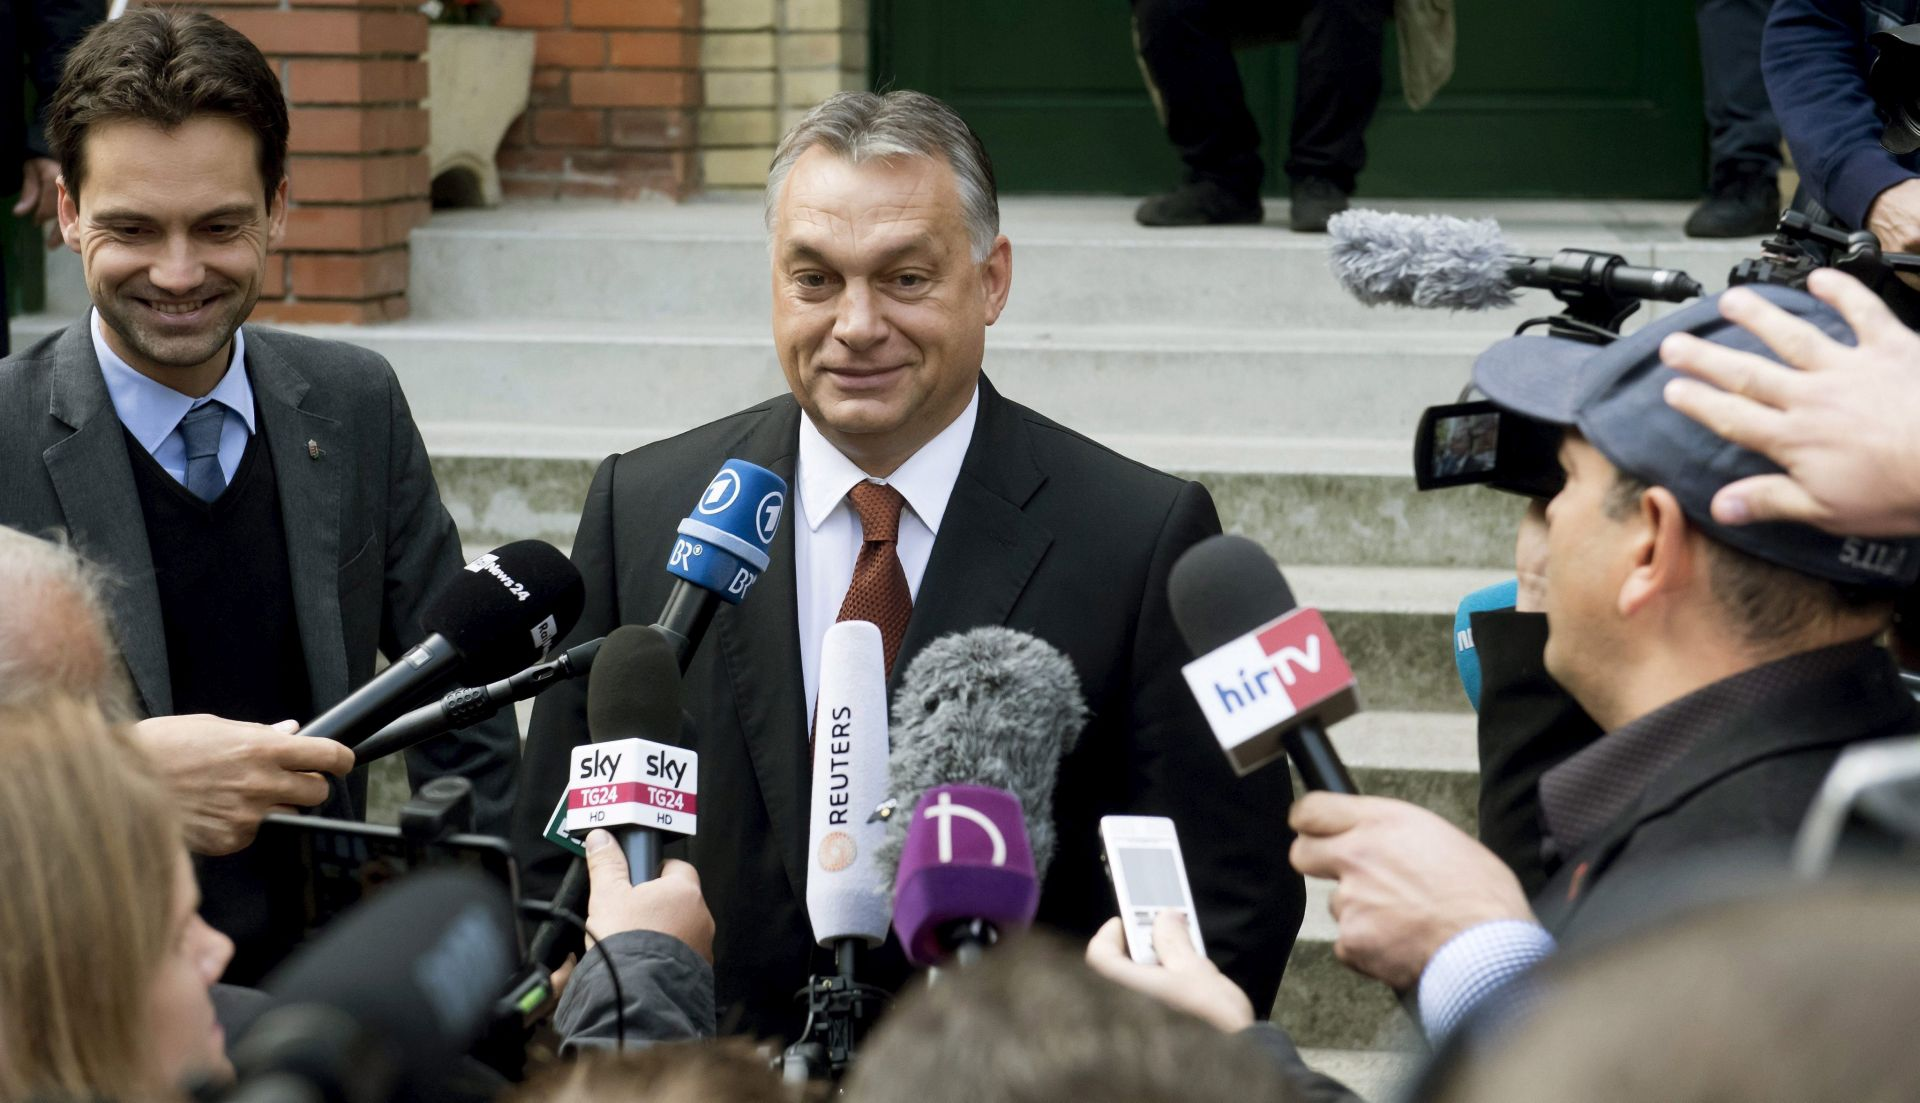 NAJAVLJUJE USTAVNE PROMJENE: Orban neuspjeh referenduma smatra nevažnim